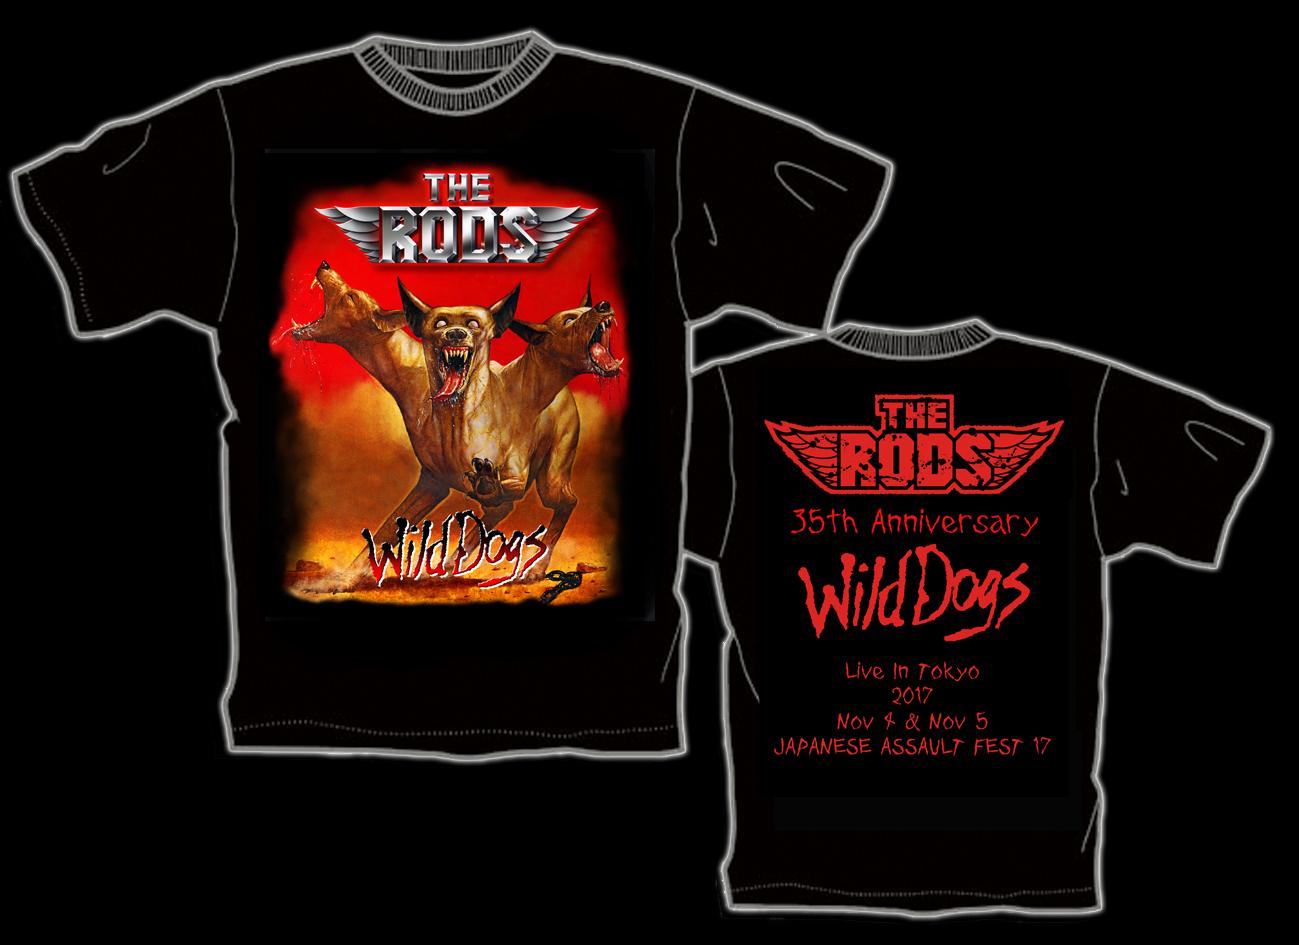 THE RODS 初来日記念限定Tシャツ